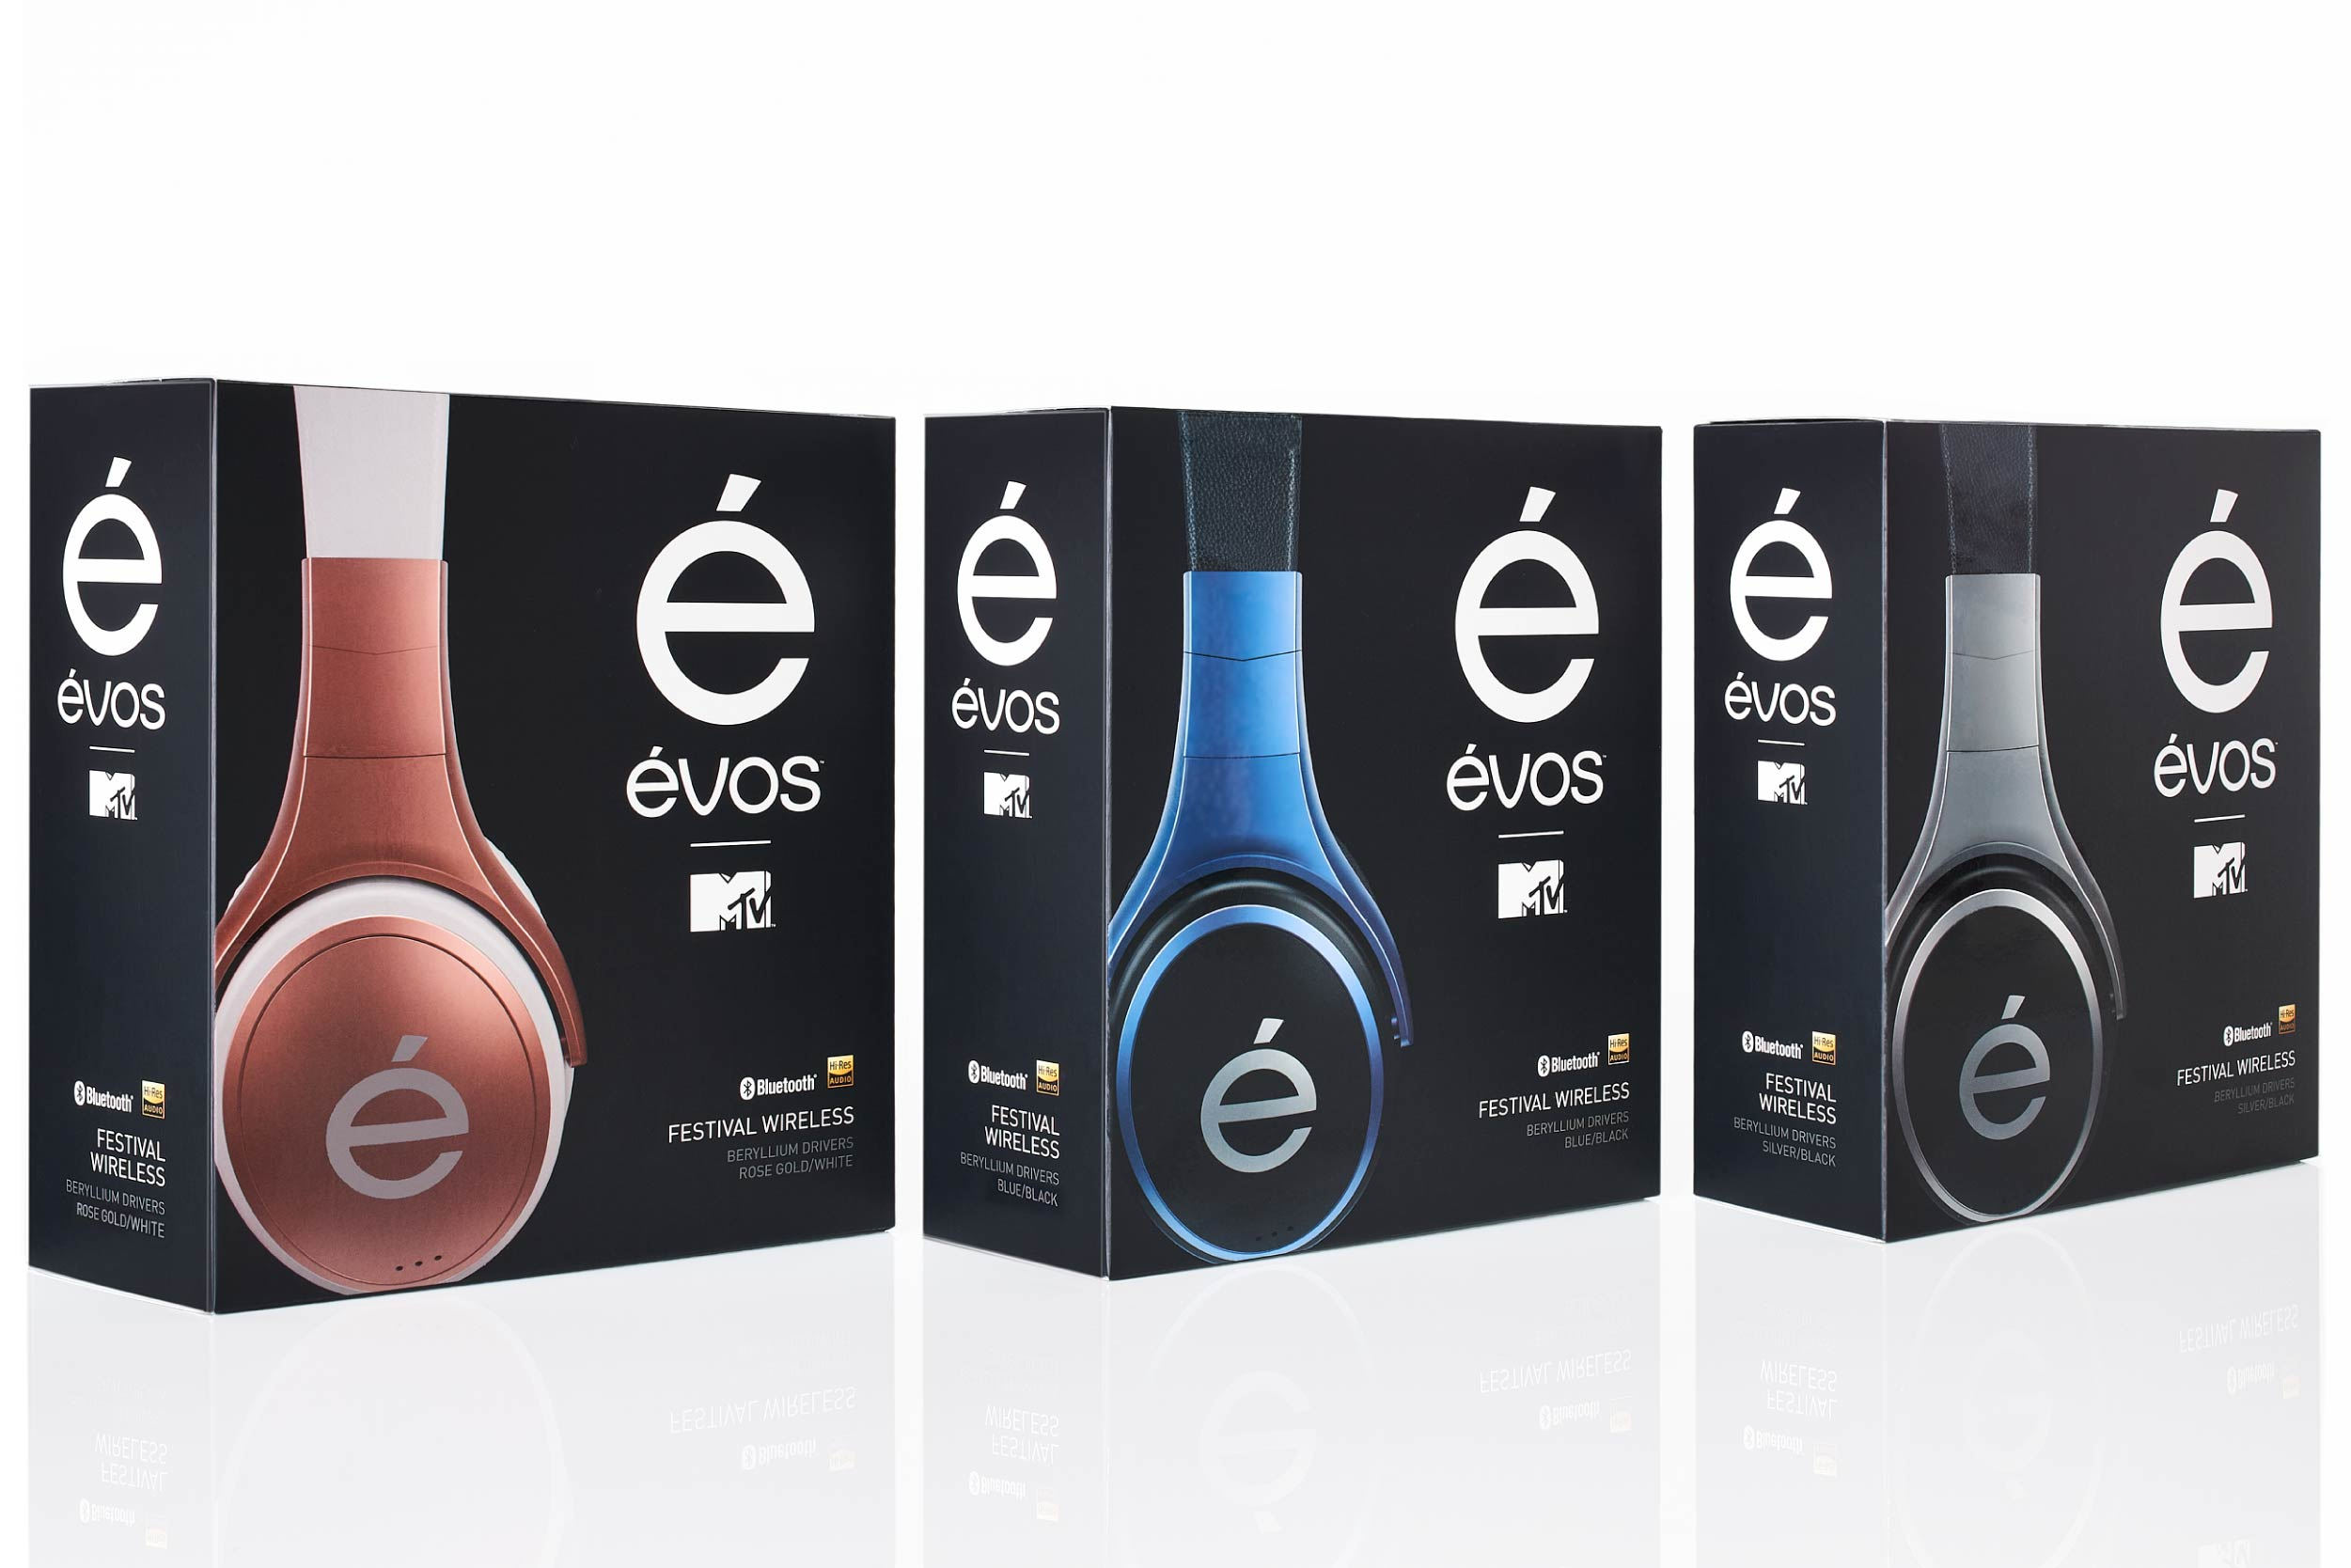 EVOS-3